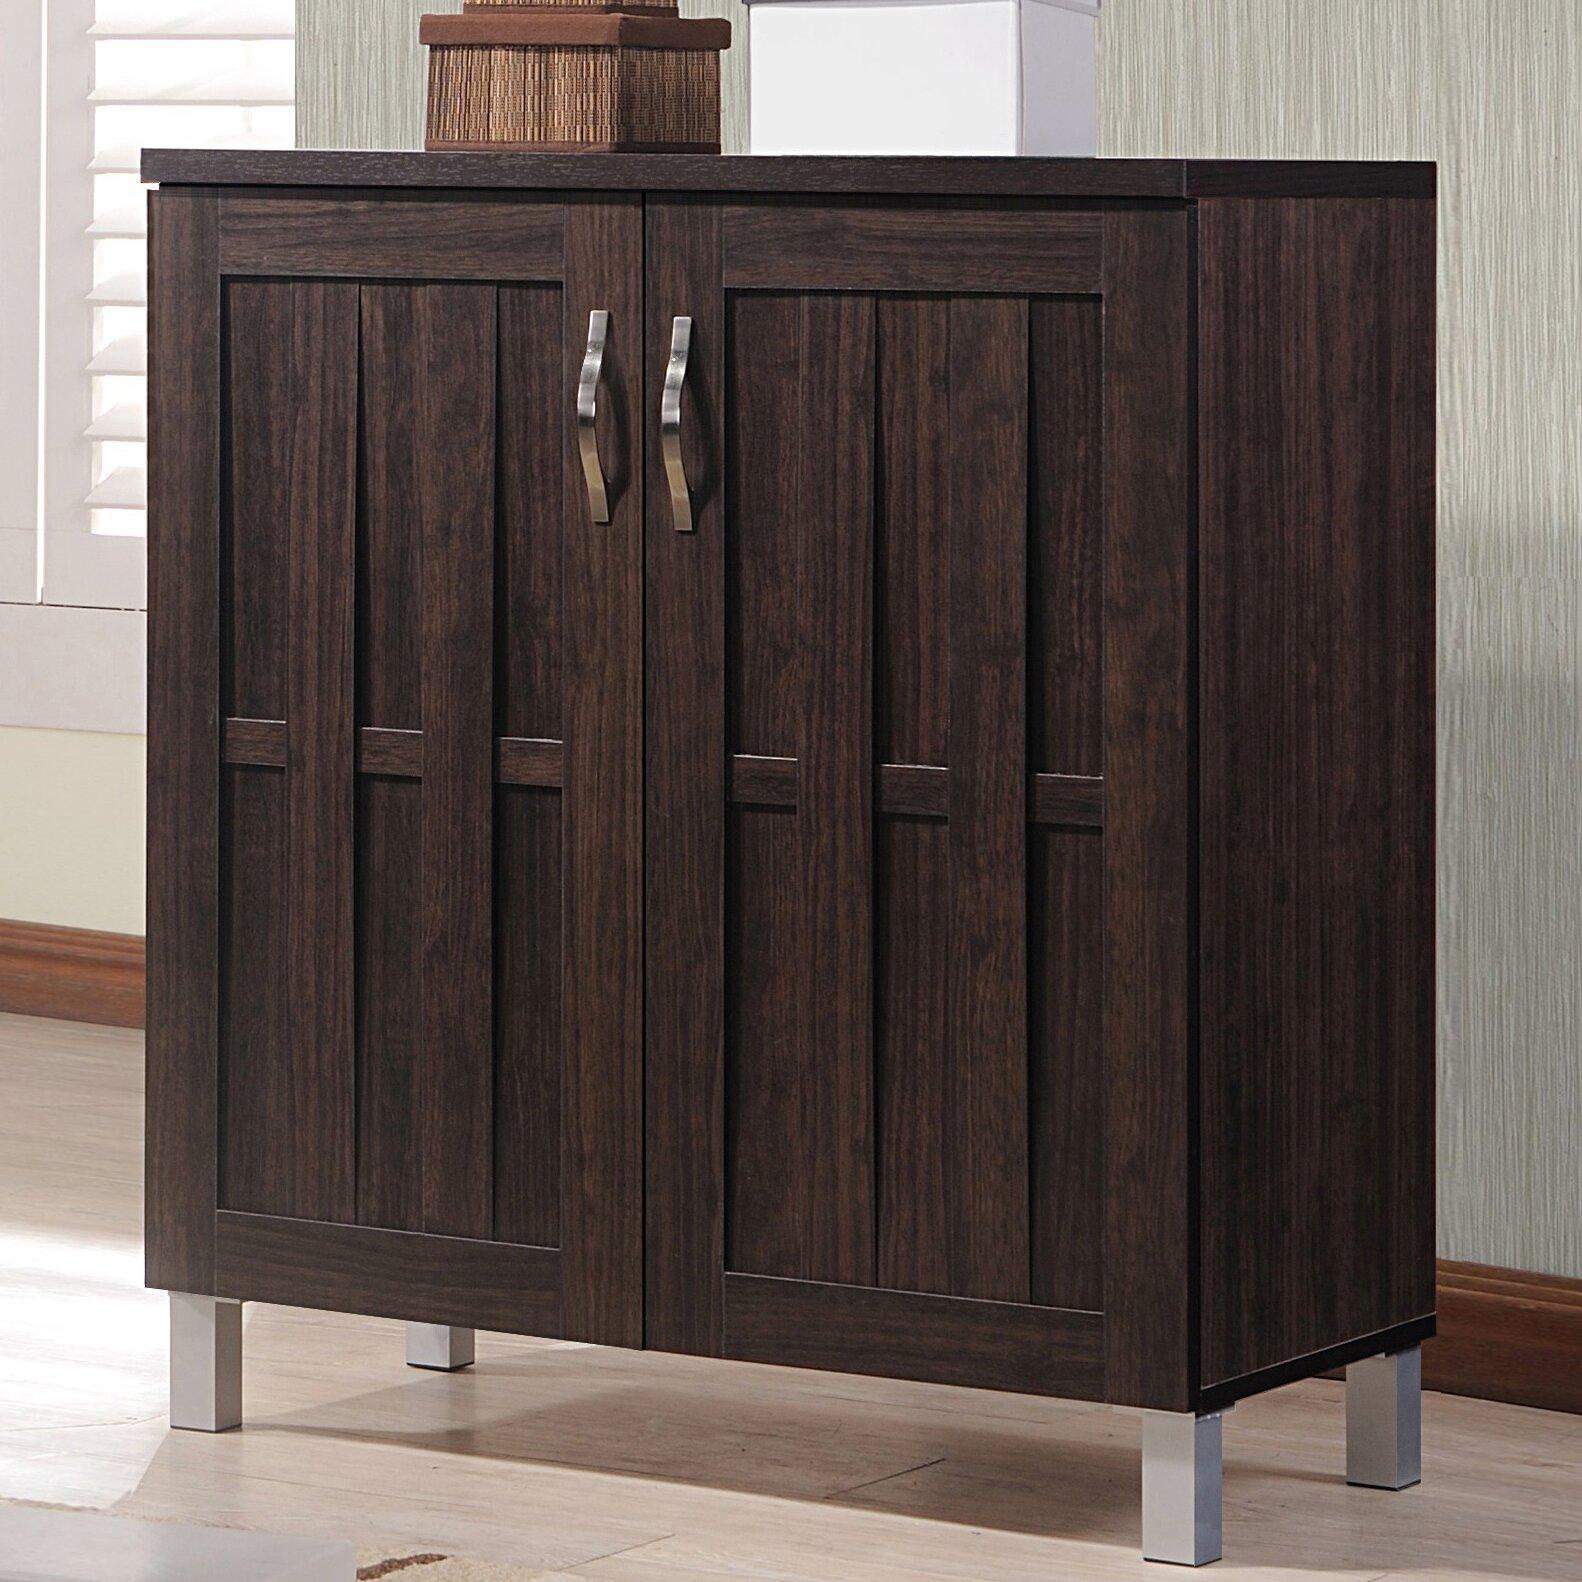 Wholesale Interiors Baxton Studio Excel Accent Cabinet& Reviews Wayfair